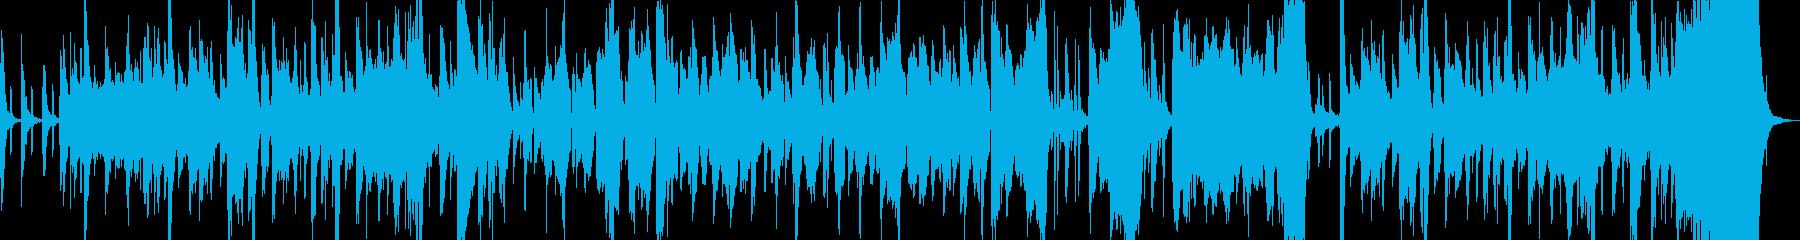 ピンクパンサーの様な世界観の曲の再生済みの波形